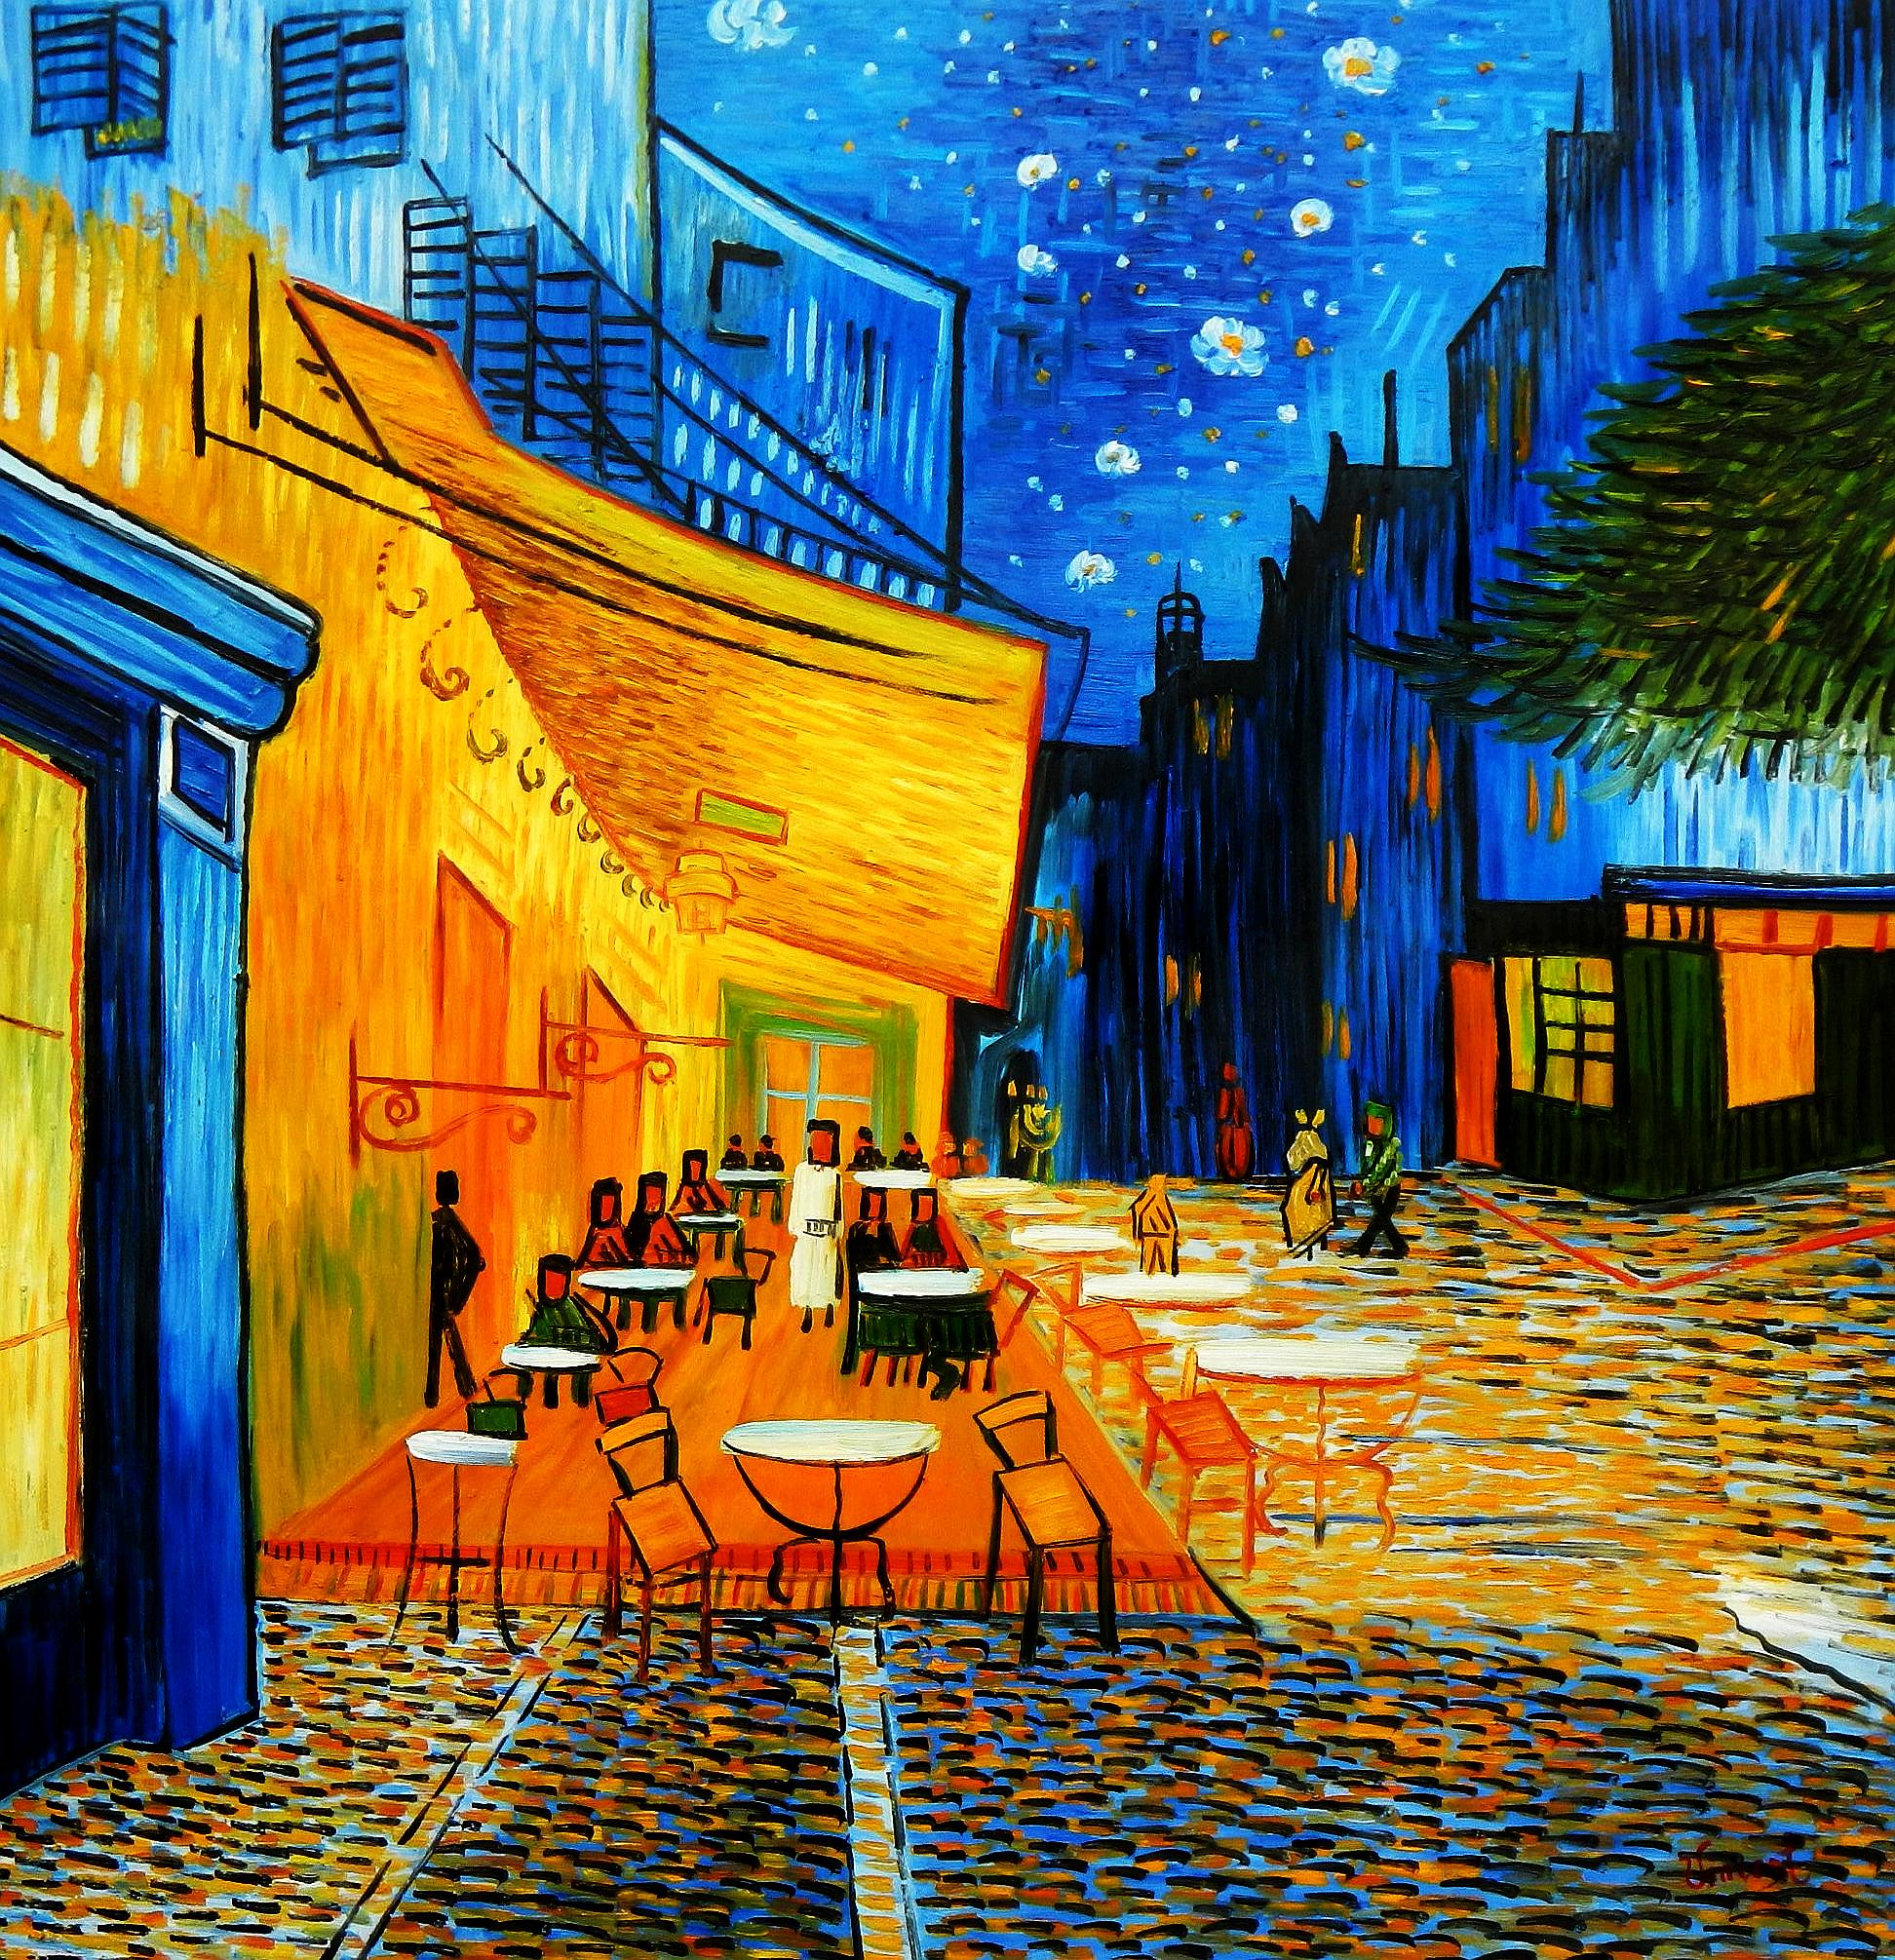 Vincent van Gogh - Nachtcafe m94728 120x120cm exzellentes Ölgemälde handgemalt